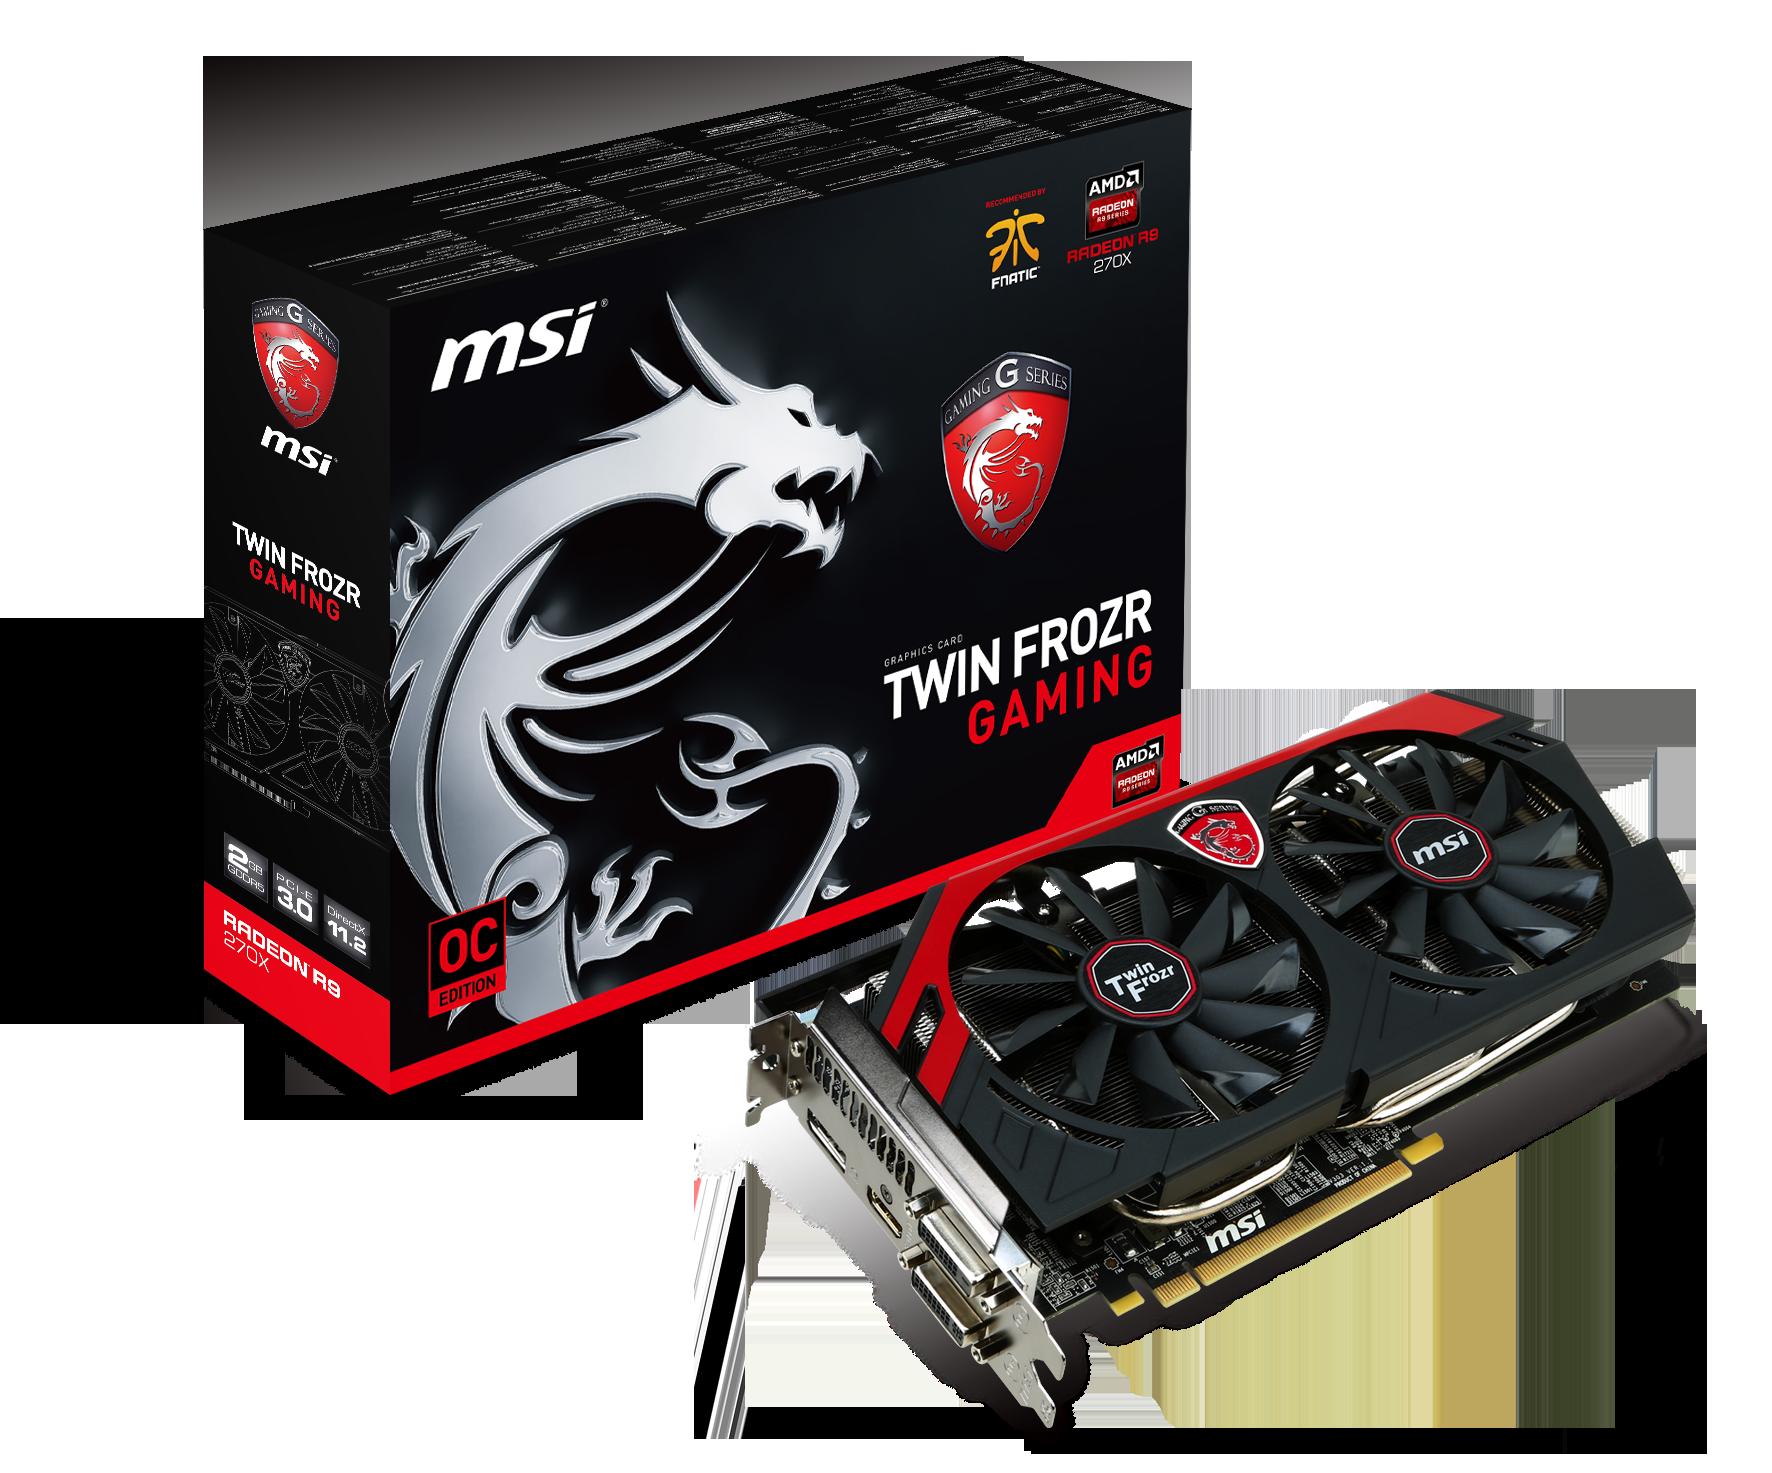 微星科技發表多款搭載AMD最新R9及R7遊戲與HAWK系列顯示卡